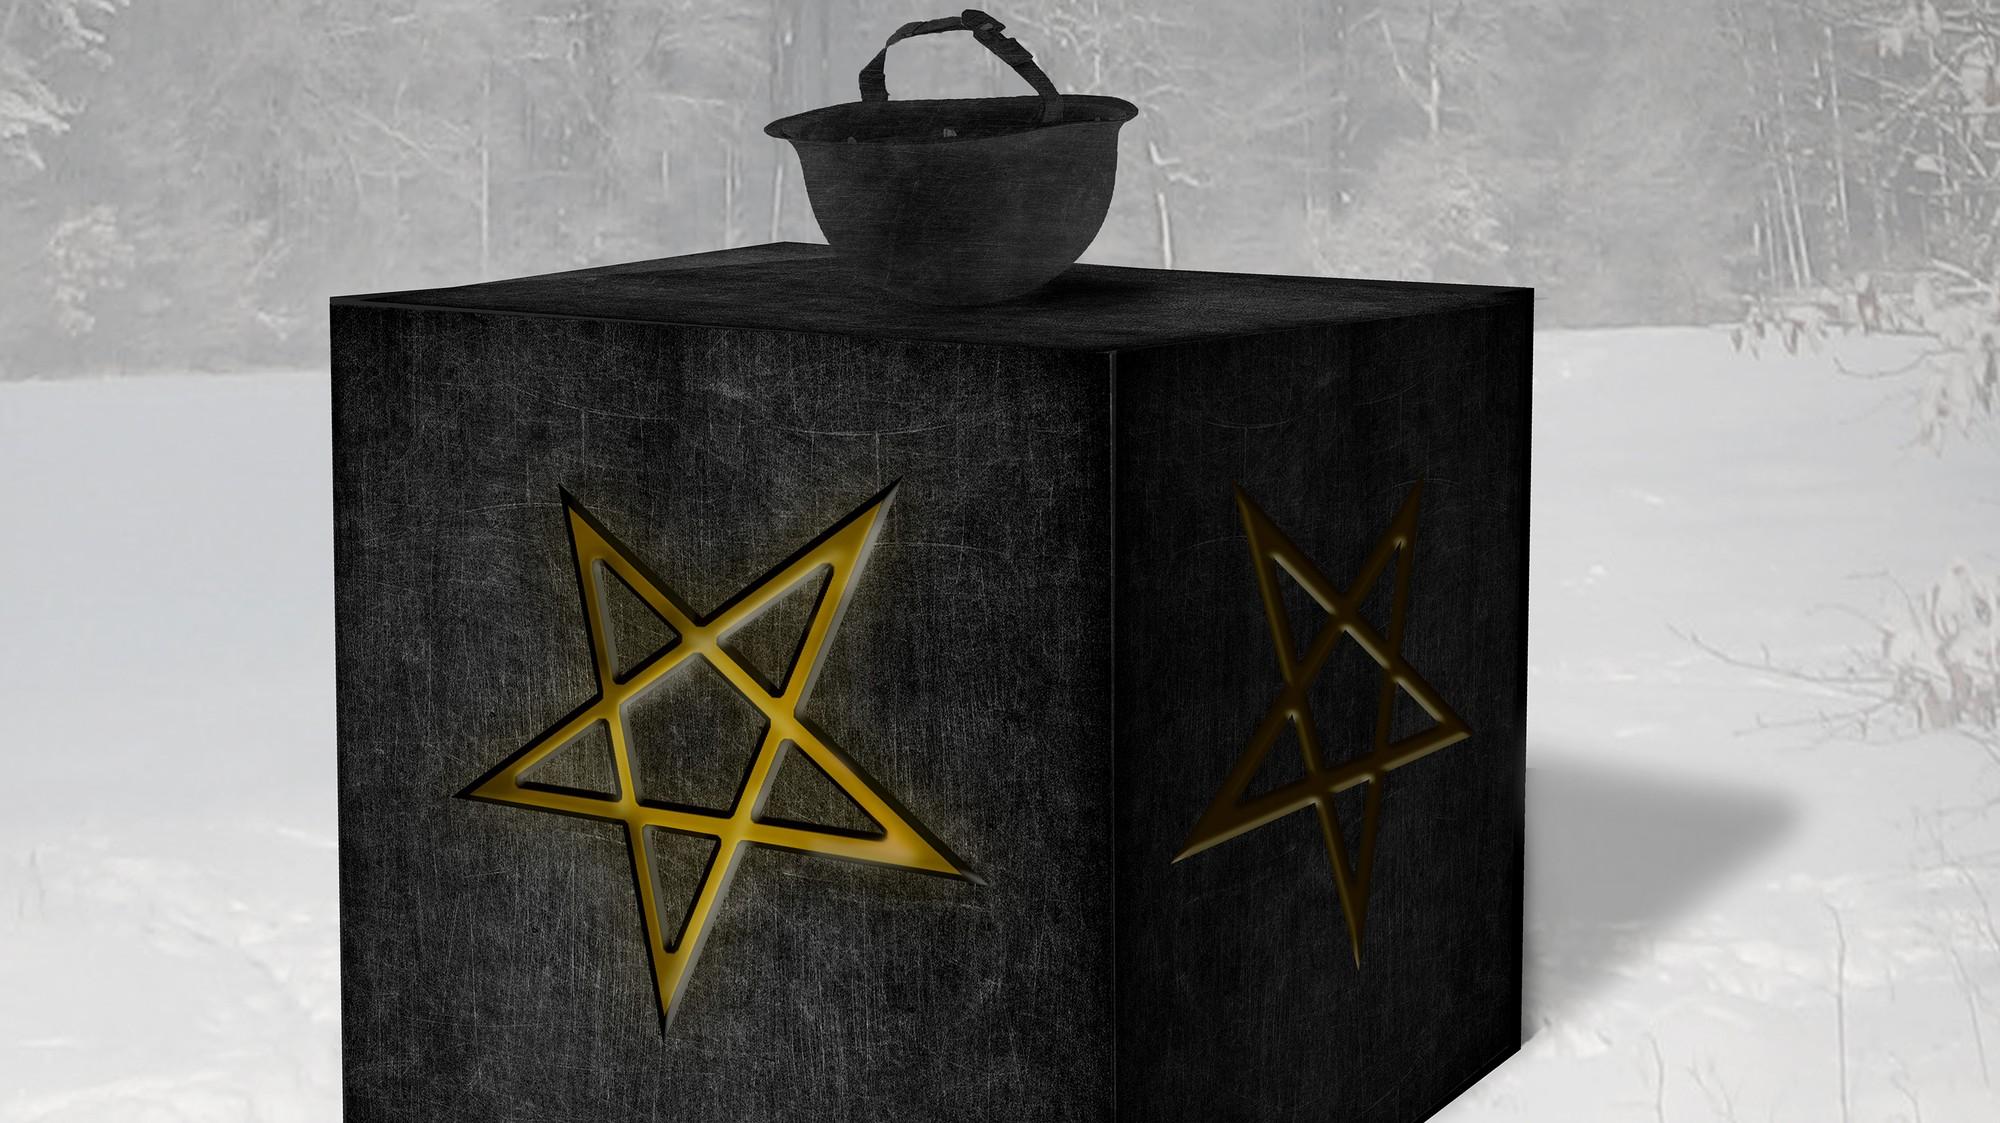 The Satanic Temple Built a Black Cube Monument to Honour